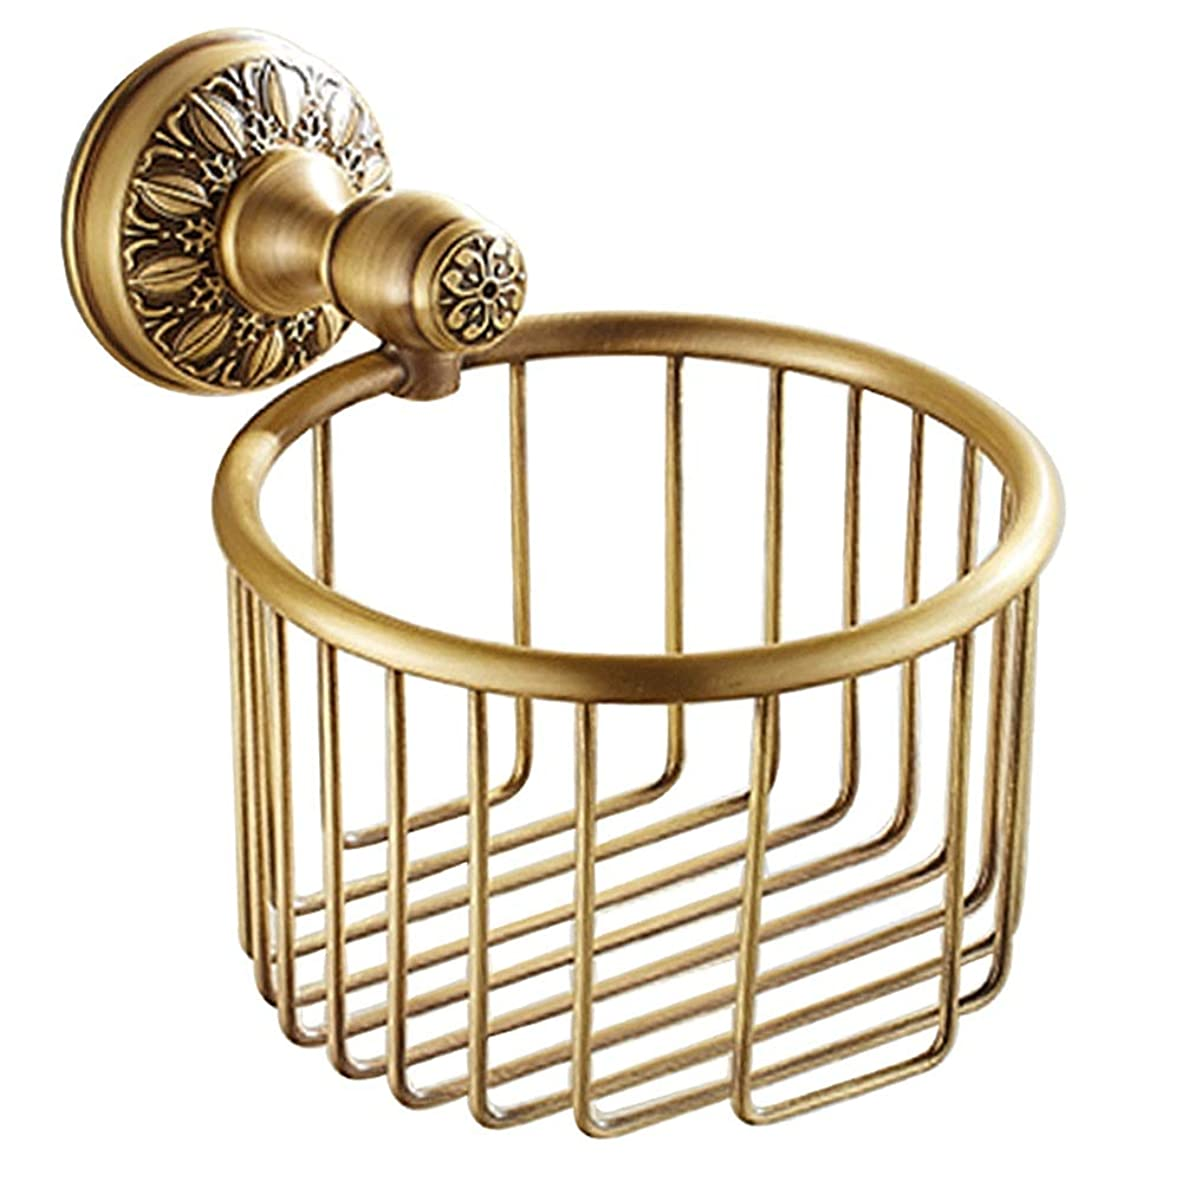 スローディレイ木材ZZLX 紙タオルホルダー、ヨーロッパスタイルのフル銅模倣アンティークバスルームトイレットペーパータオルホルダー ロングハンドル風呂ブラシ